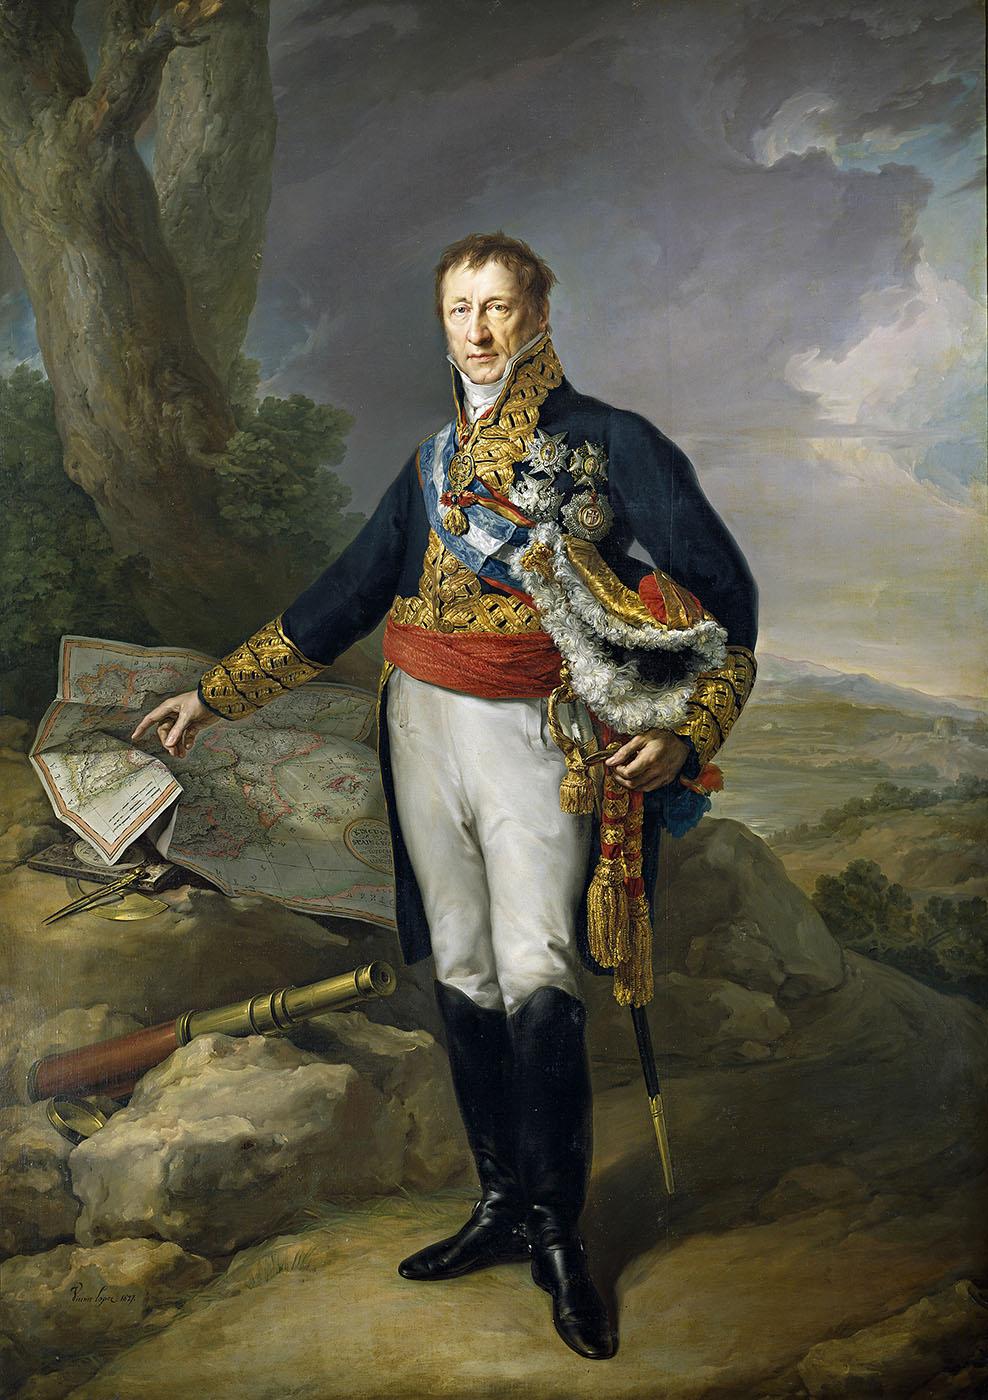 Vicente López Portaña. Pedro de Alcántara Álvarez de Toledo y Salm-Salm. XII duque del Infantado. Museo Nacional del Prado. Madrid.